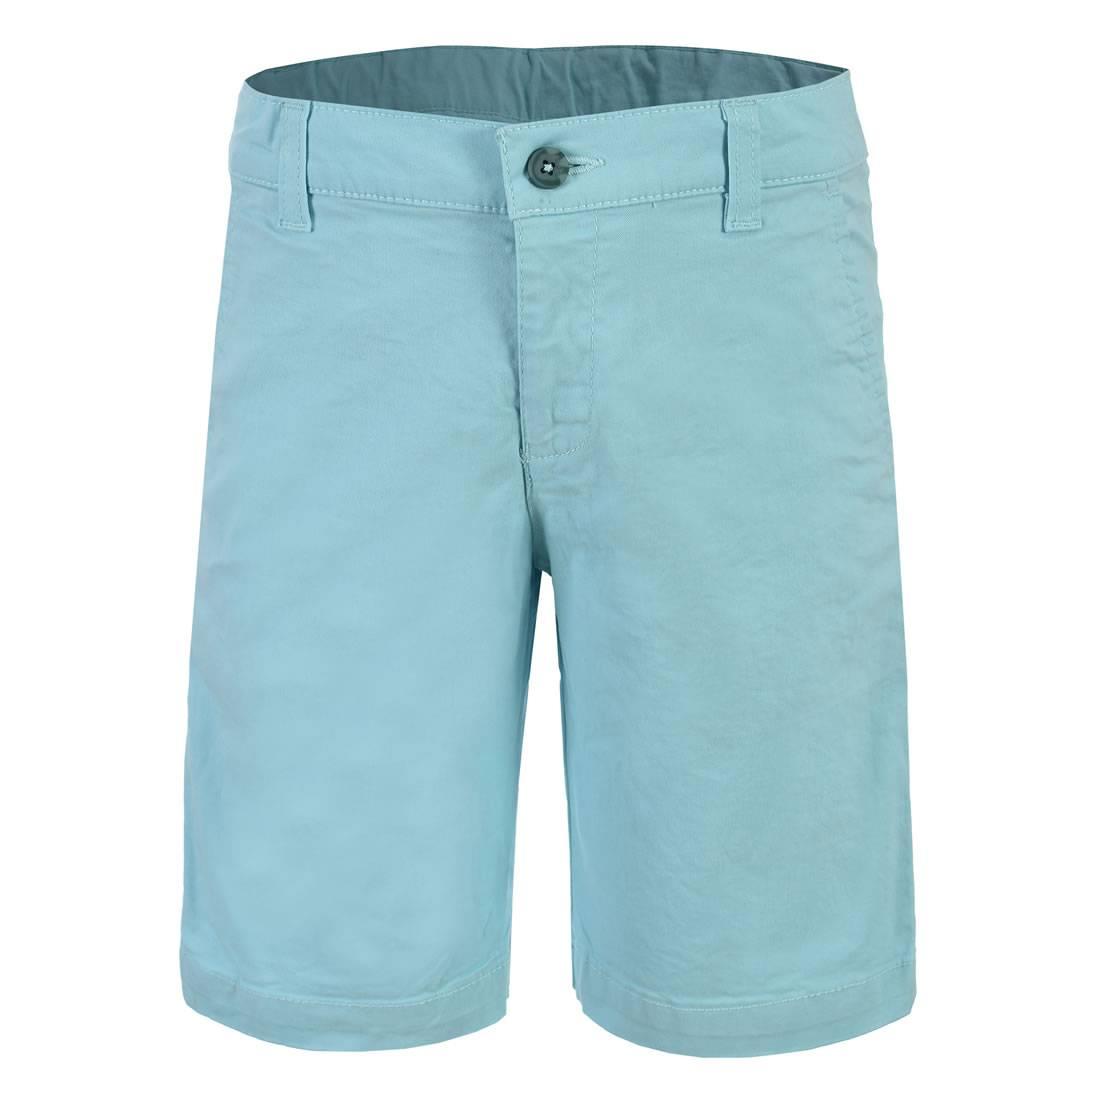 027603051312-01-Bermuda-Casual-Boys-Con-Elastano-Cintura-Ajustable-Verde-Agua-yale